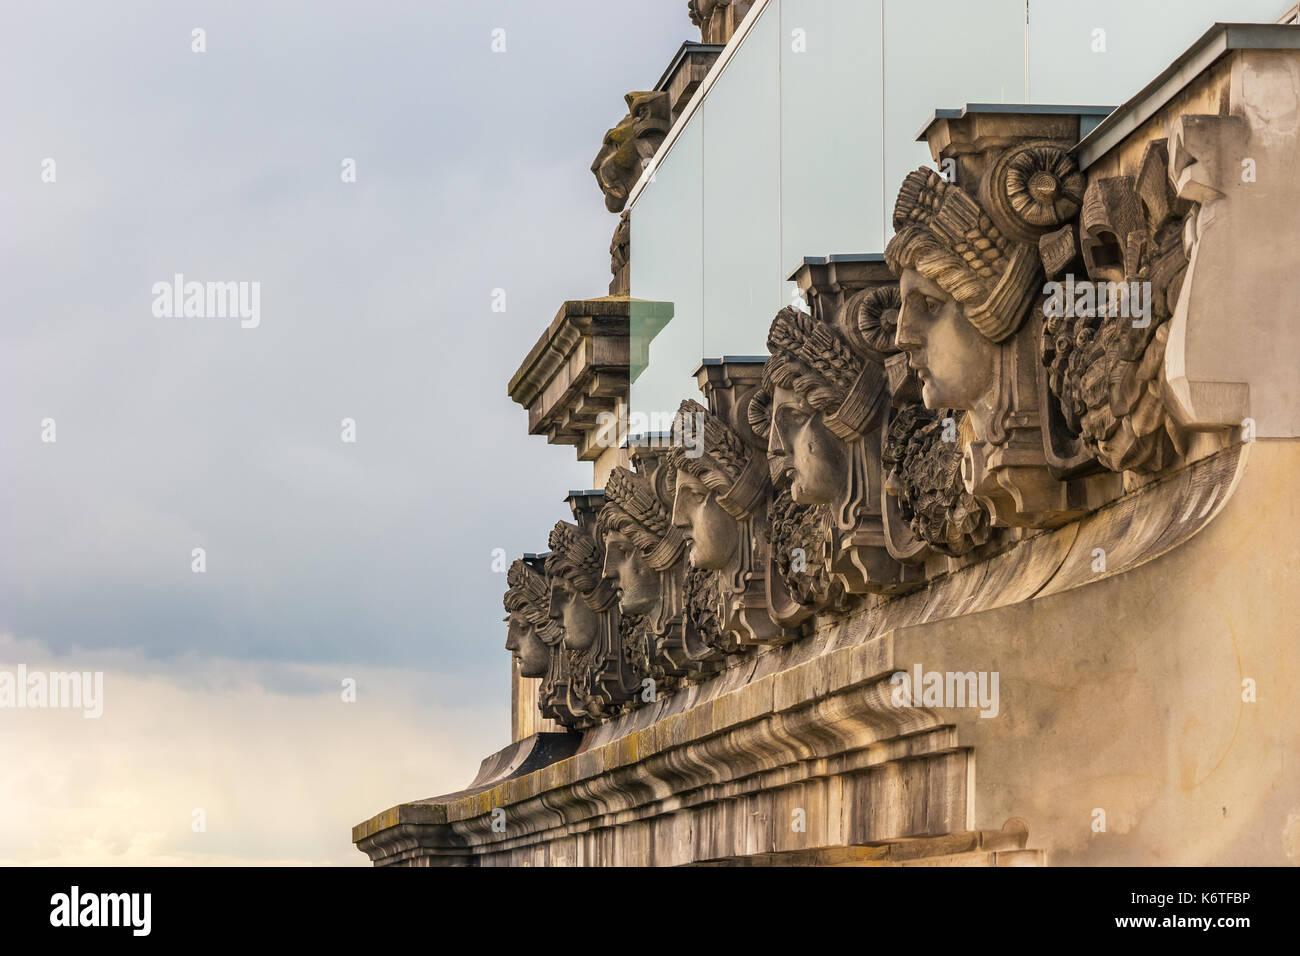 Cara de estatua en el Reichstag de Berlín (Bundestag), Berlín, Alemania Imagen De Stock